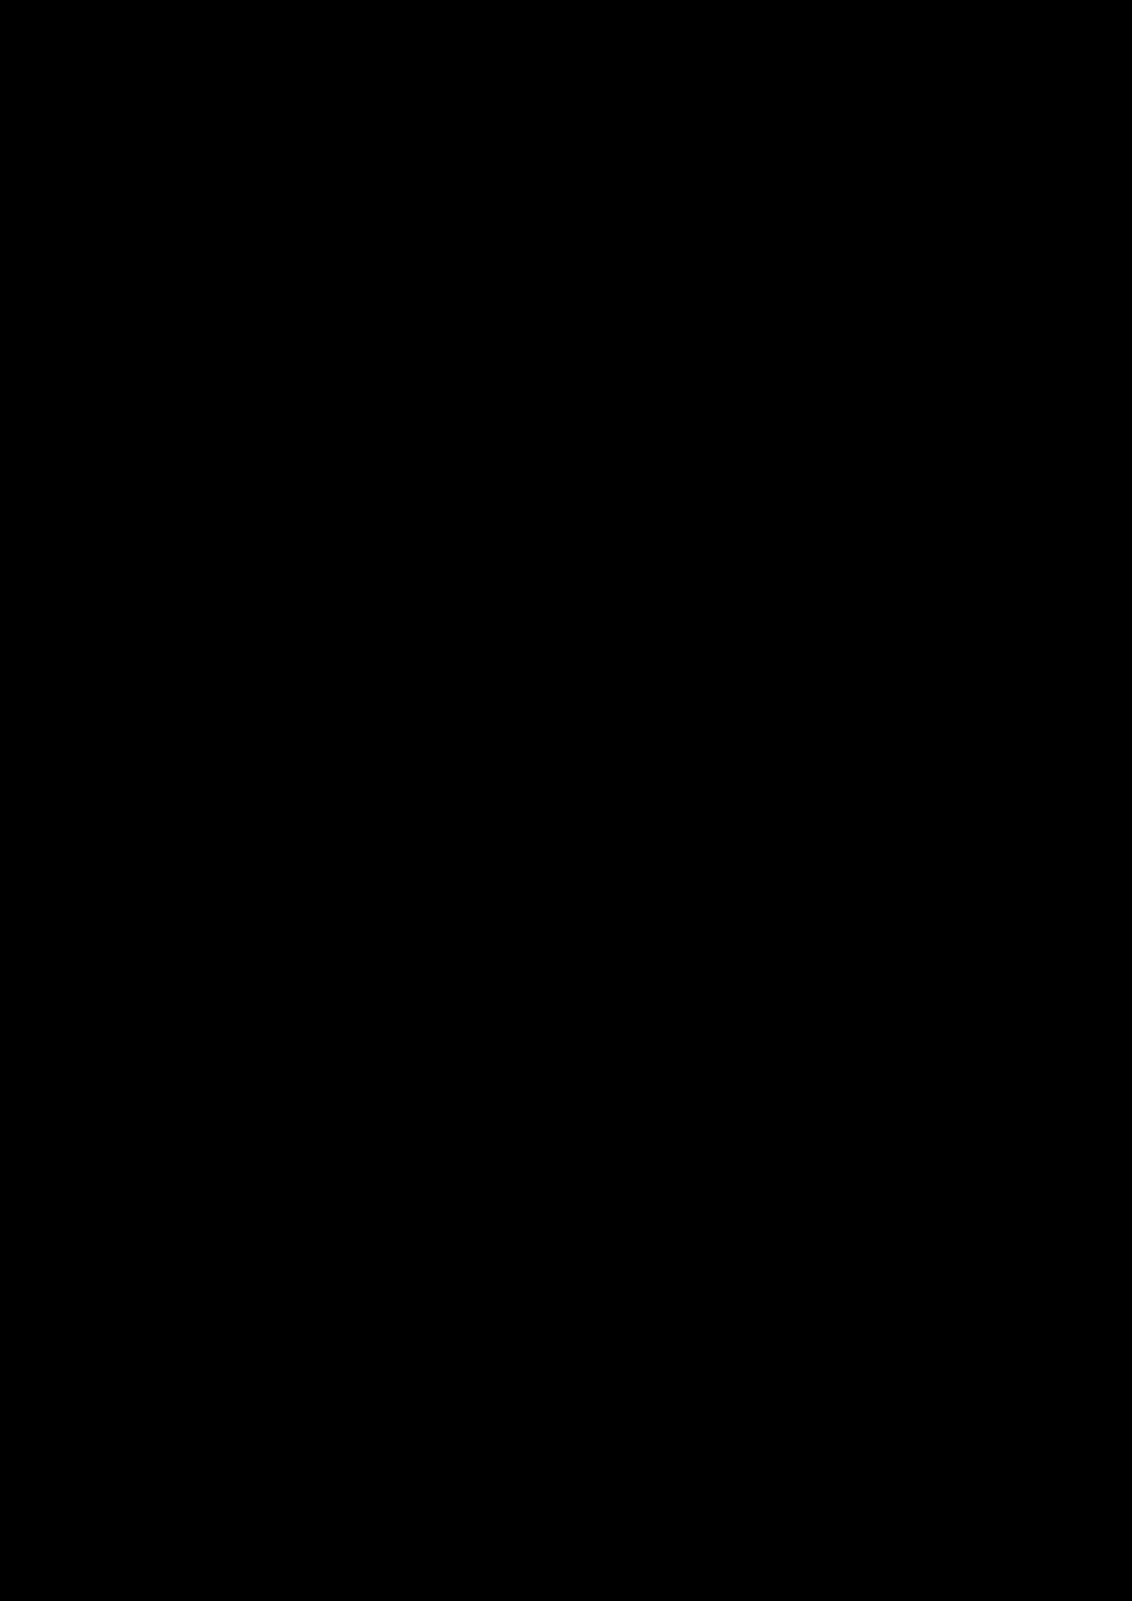 Proschanie s volshebnoy stranoy slide, Image 53